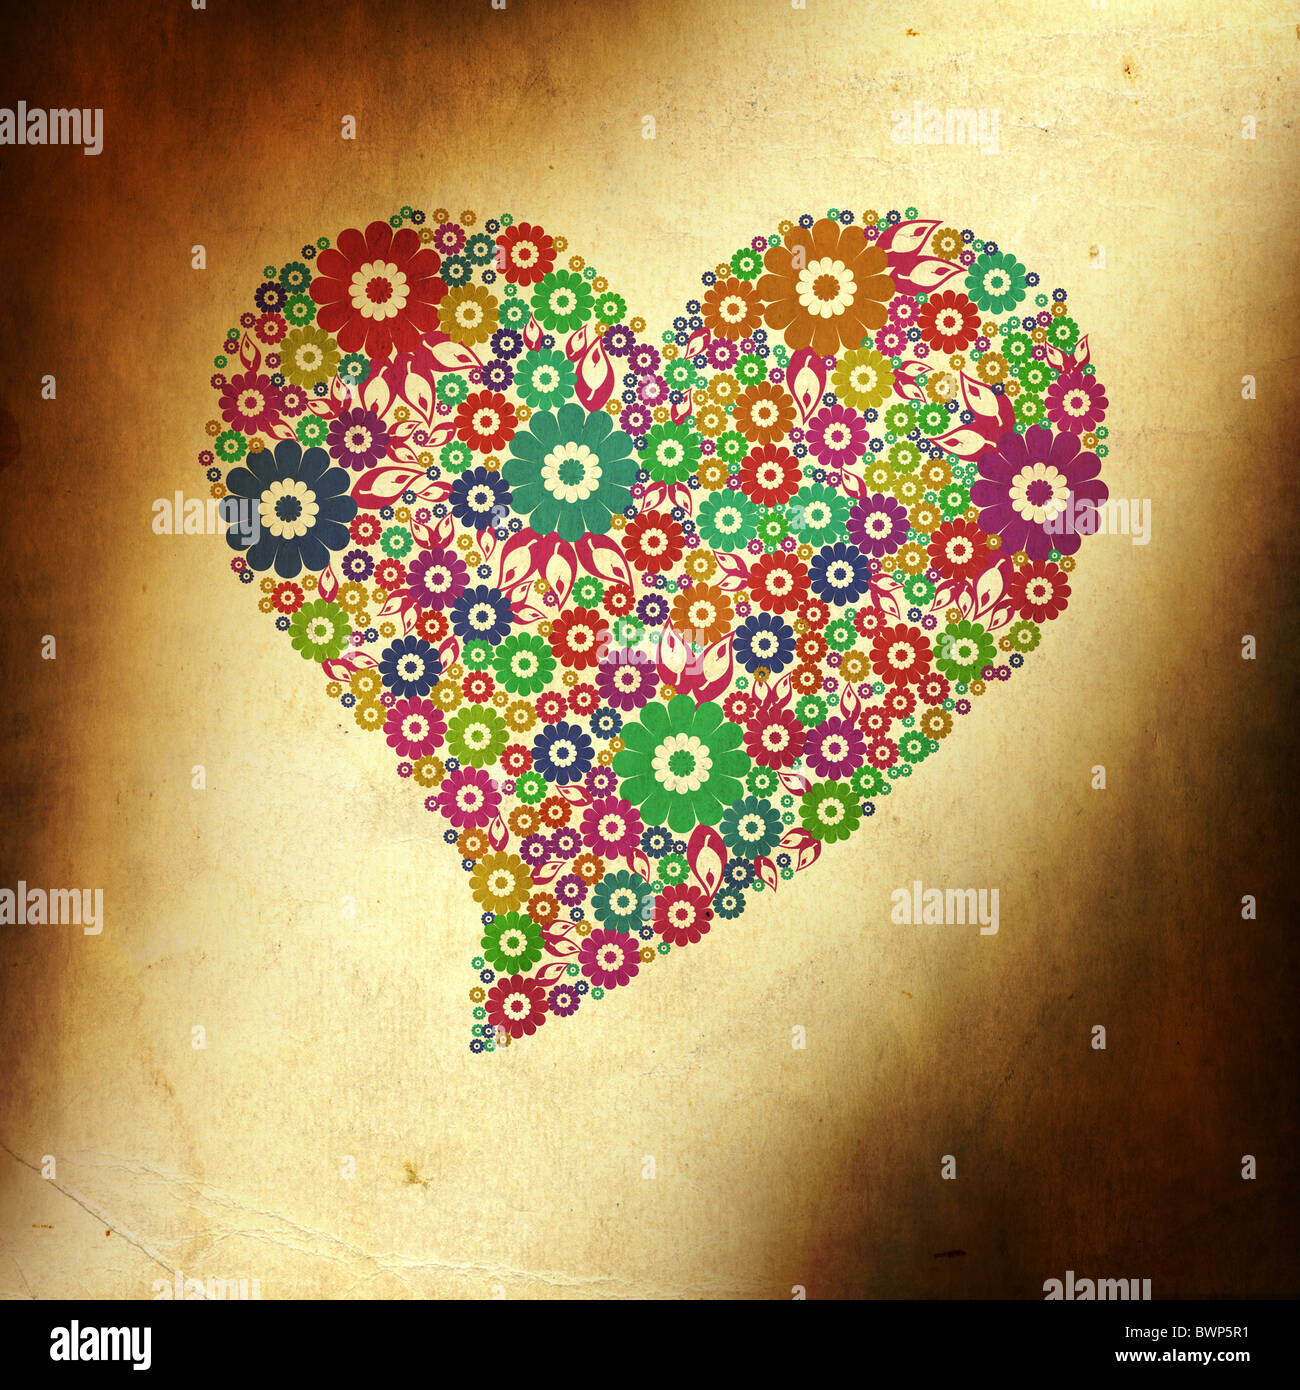 Grunge fond coloré avec coeur de fleur Photo Stock